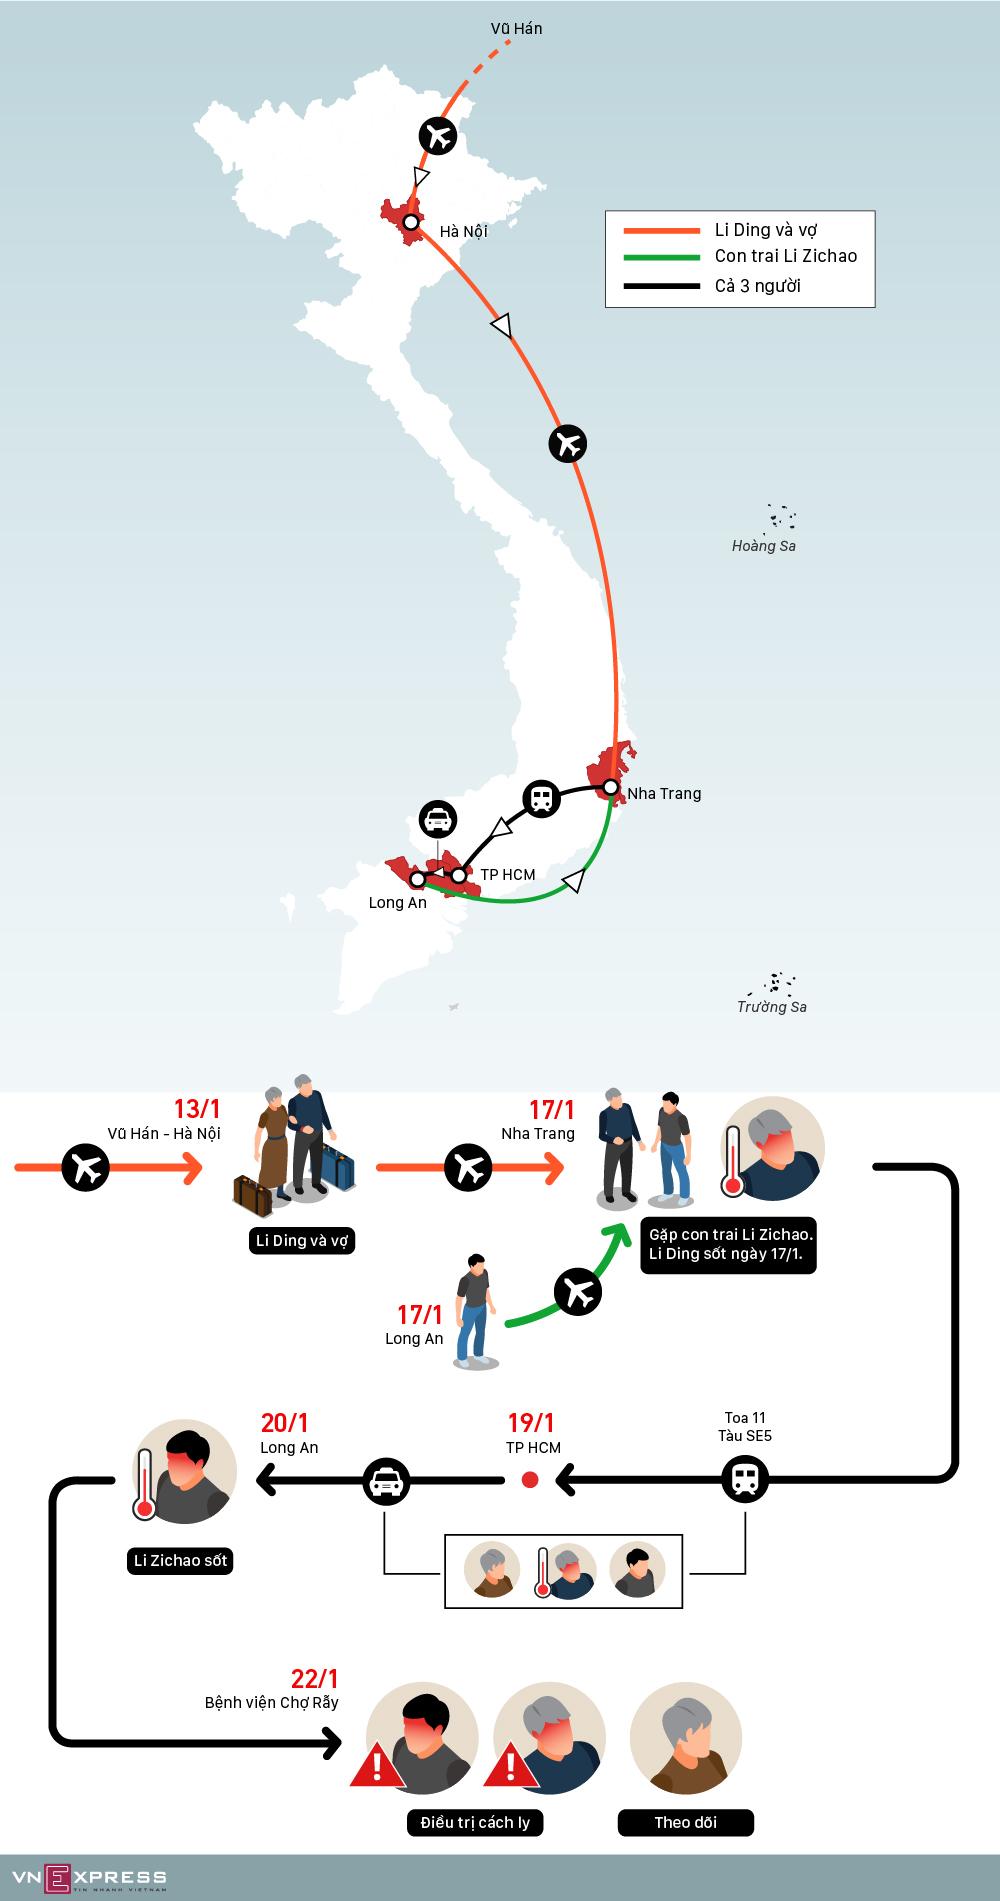 Hành trình của bệnh nhân viêm phổi Vũ Hán ở Việt Nam